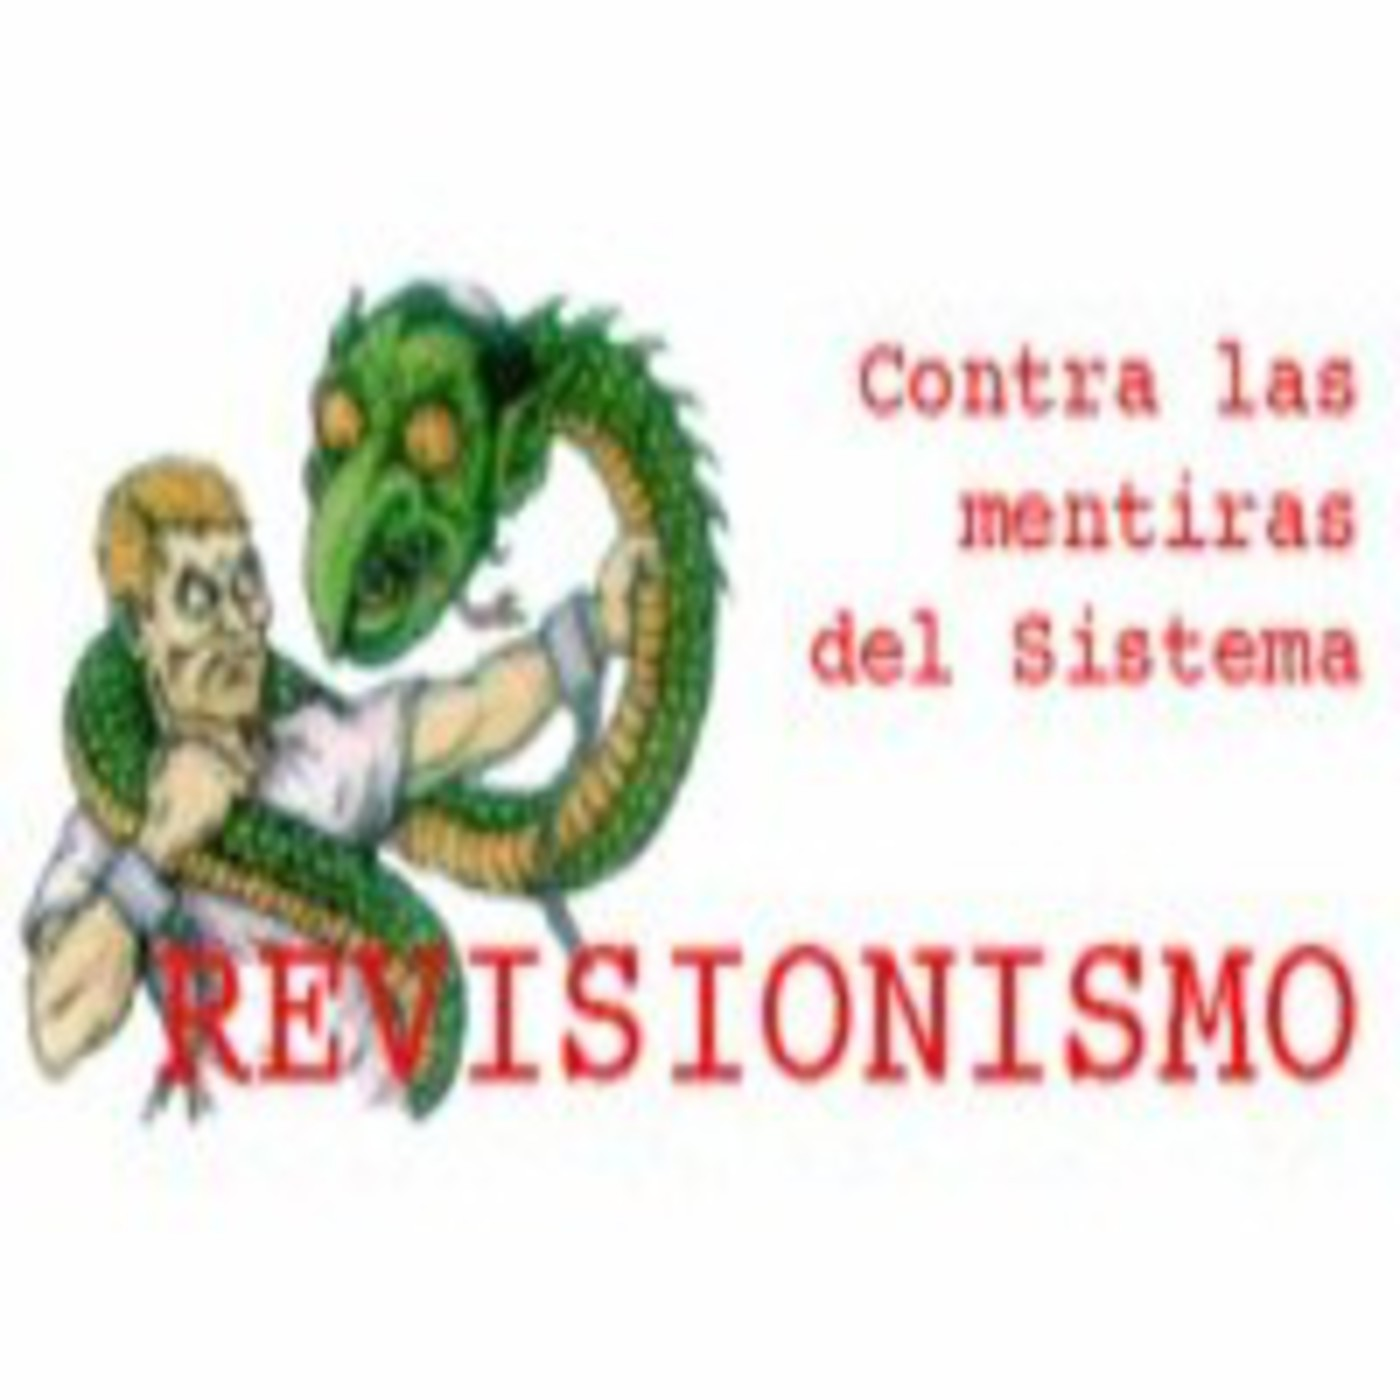 Contundente Exposicion -Los Horrores De La Republica - Consuelo Martinez Sicluna